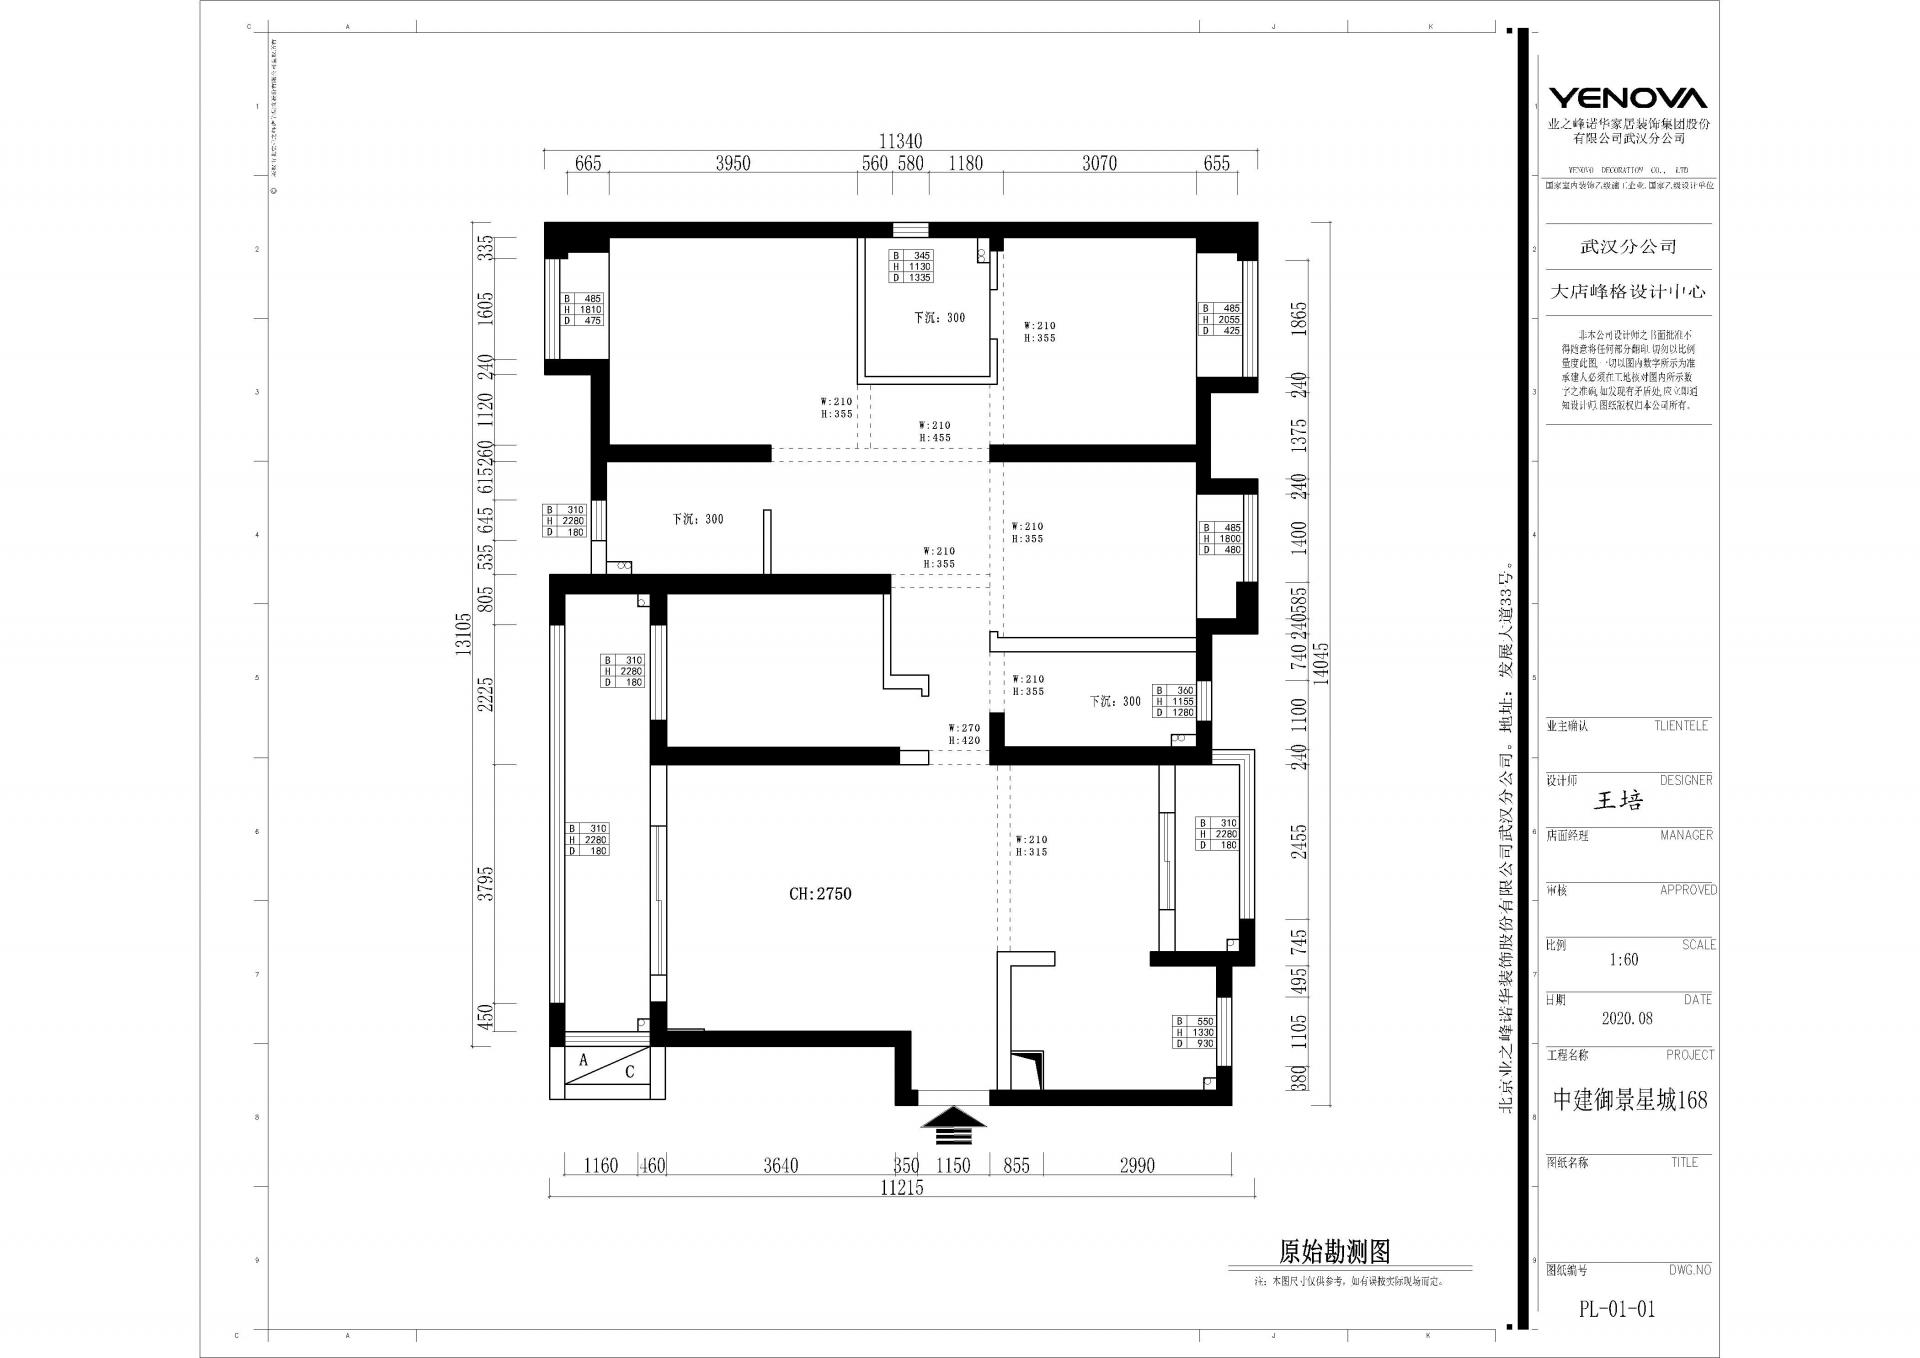 中建御景星城168平-现代轻奢风格图_5